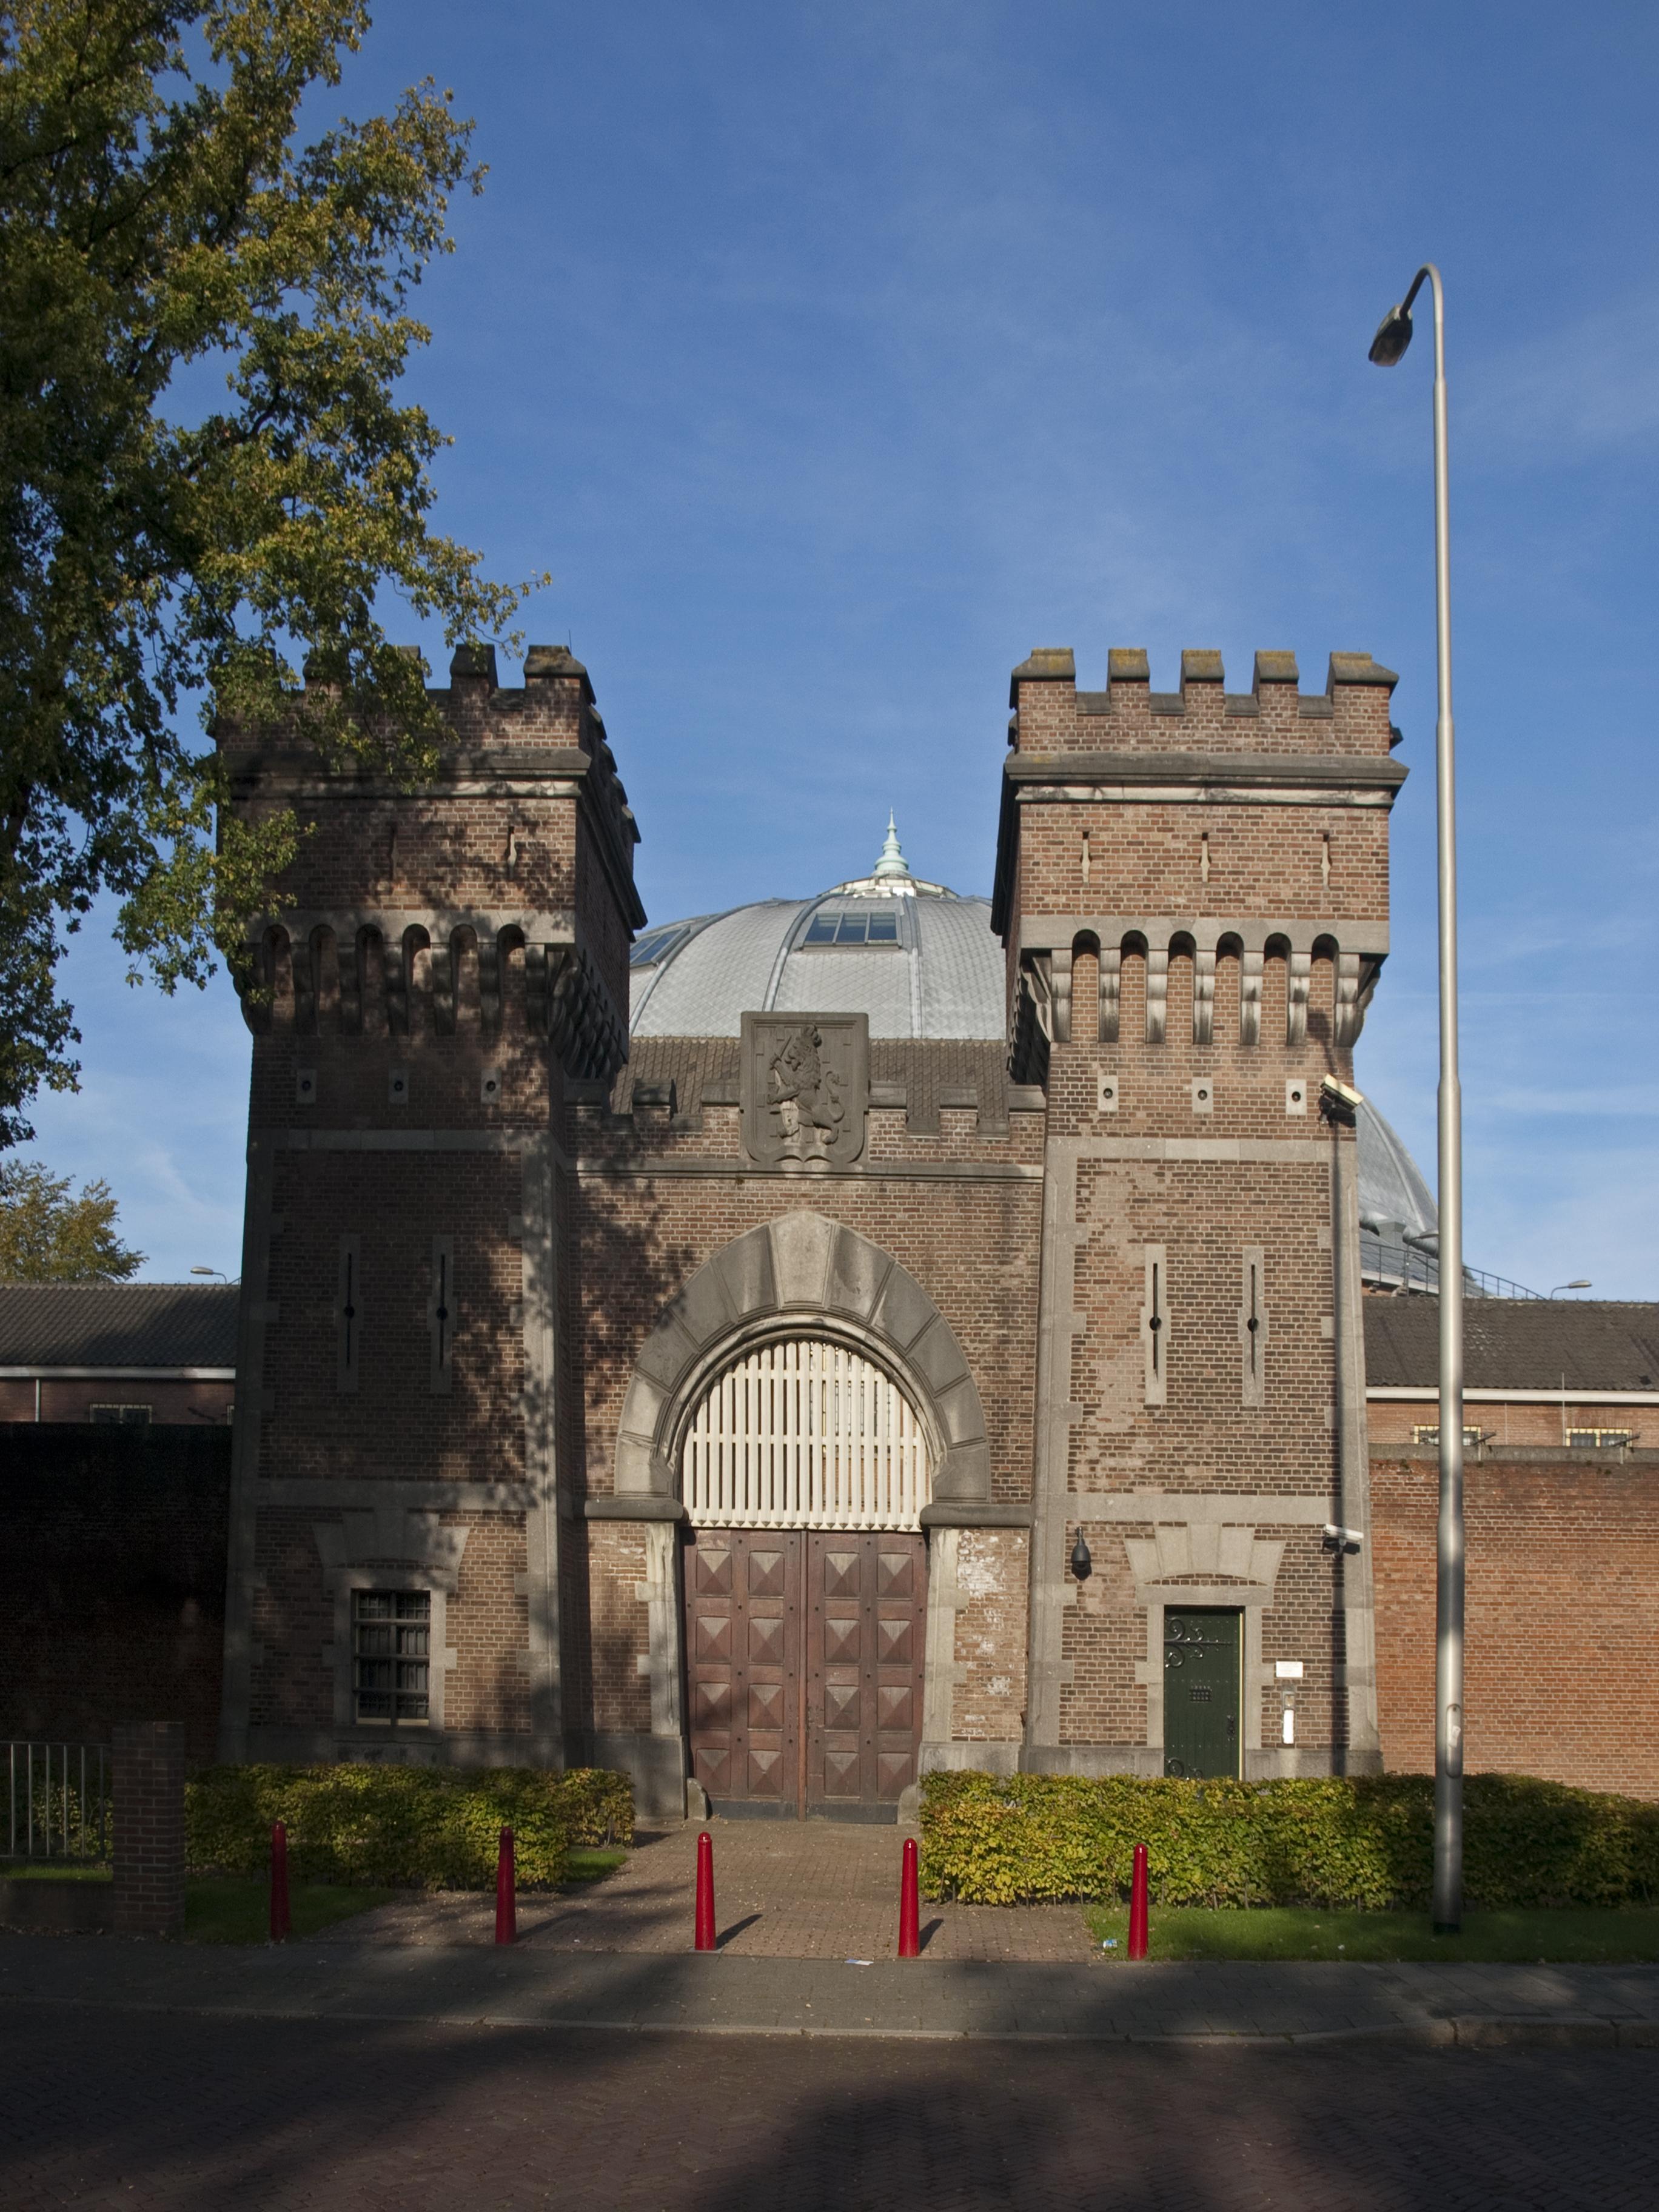 de koepel gevangenis poort in breda monument